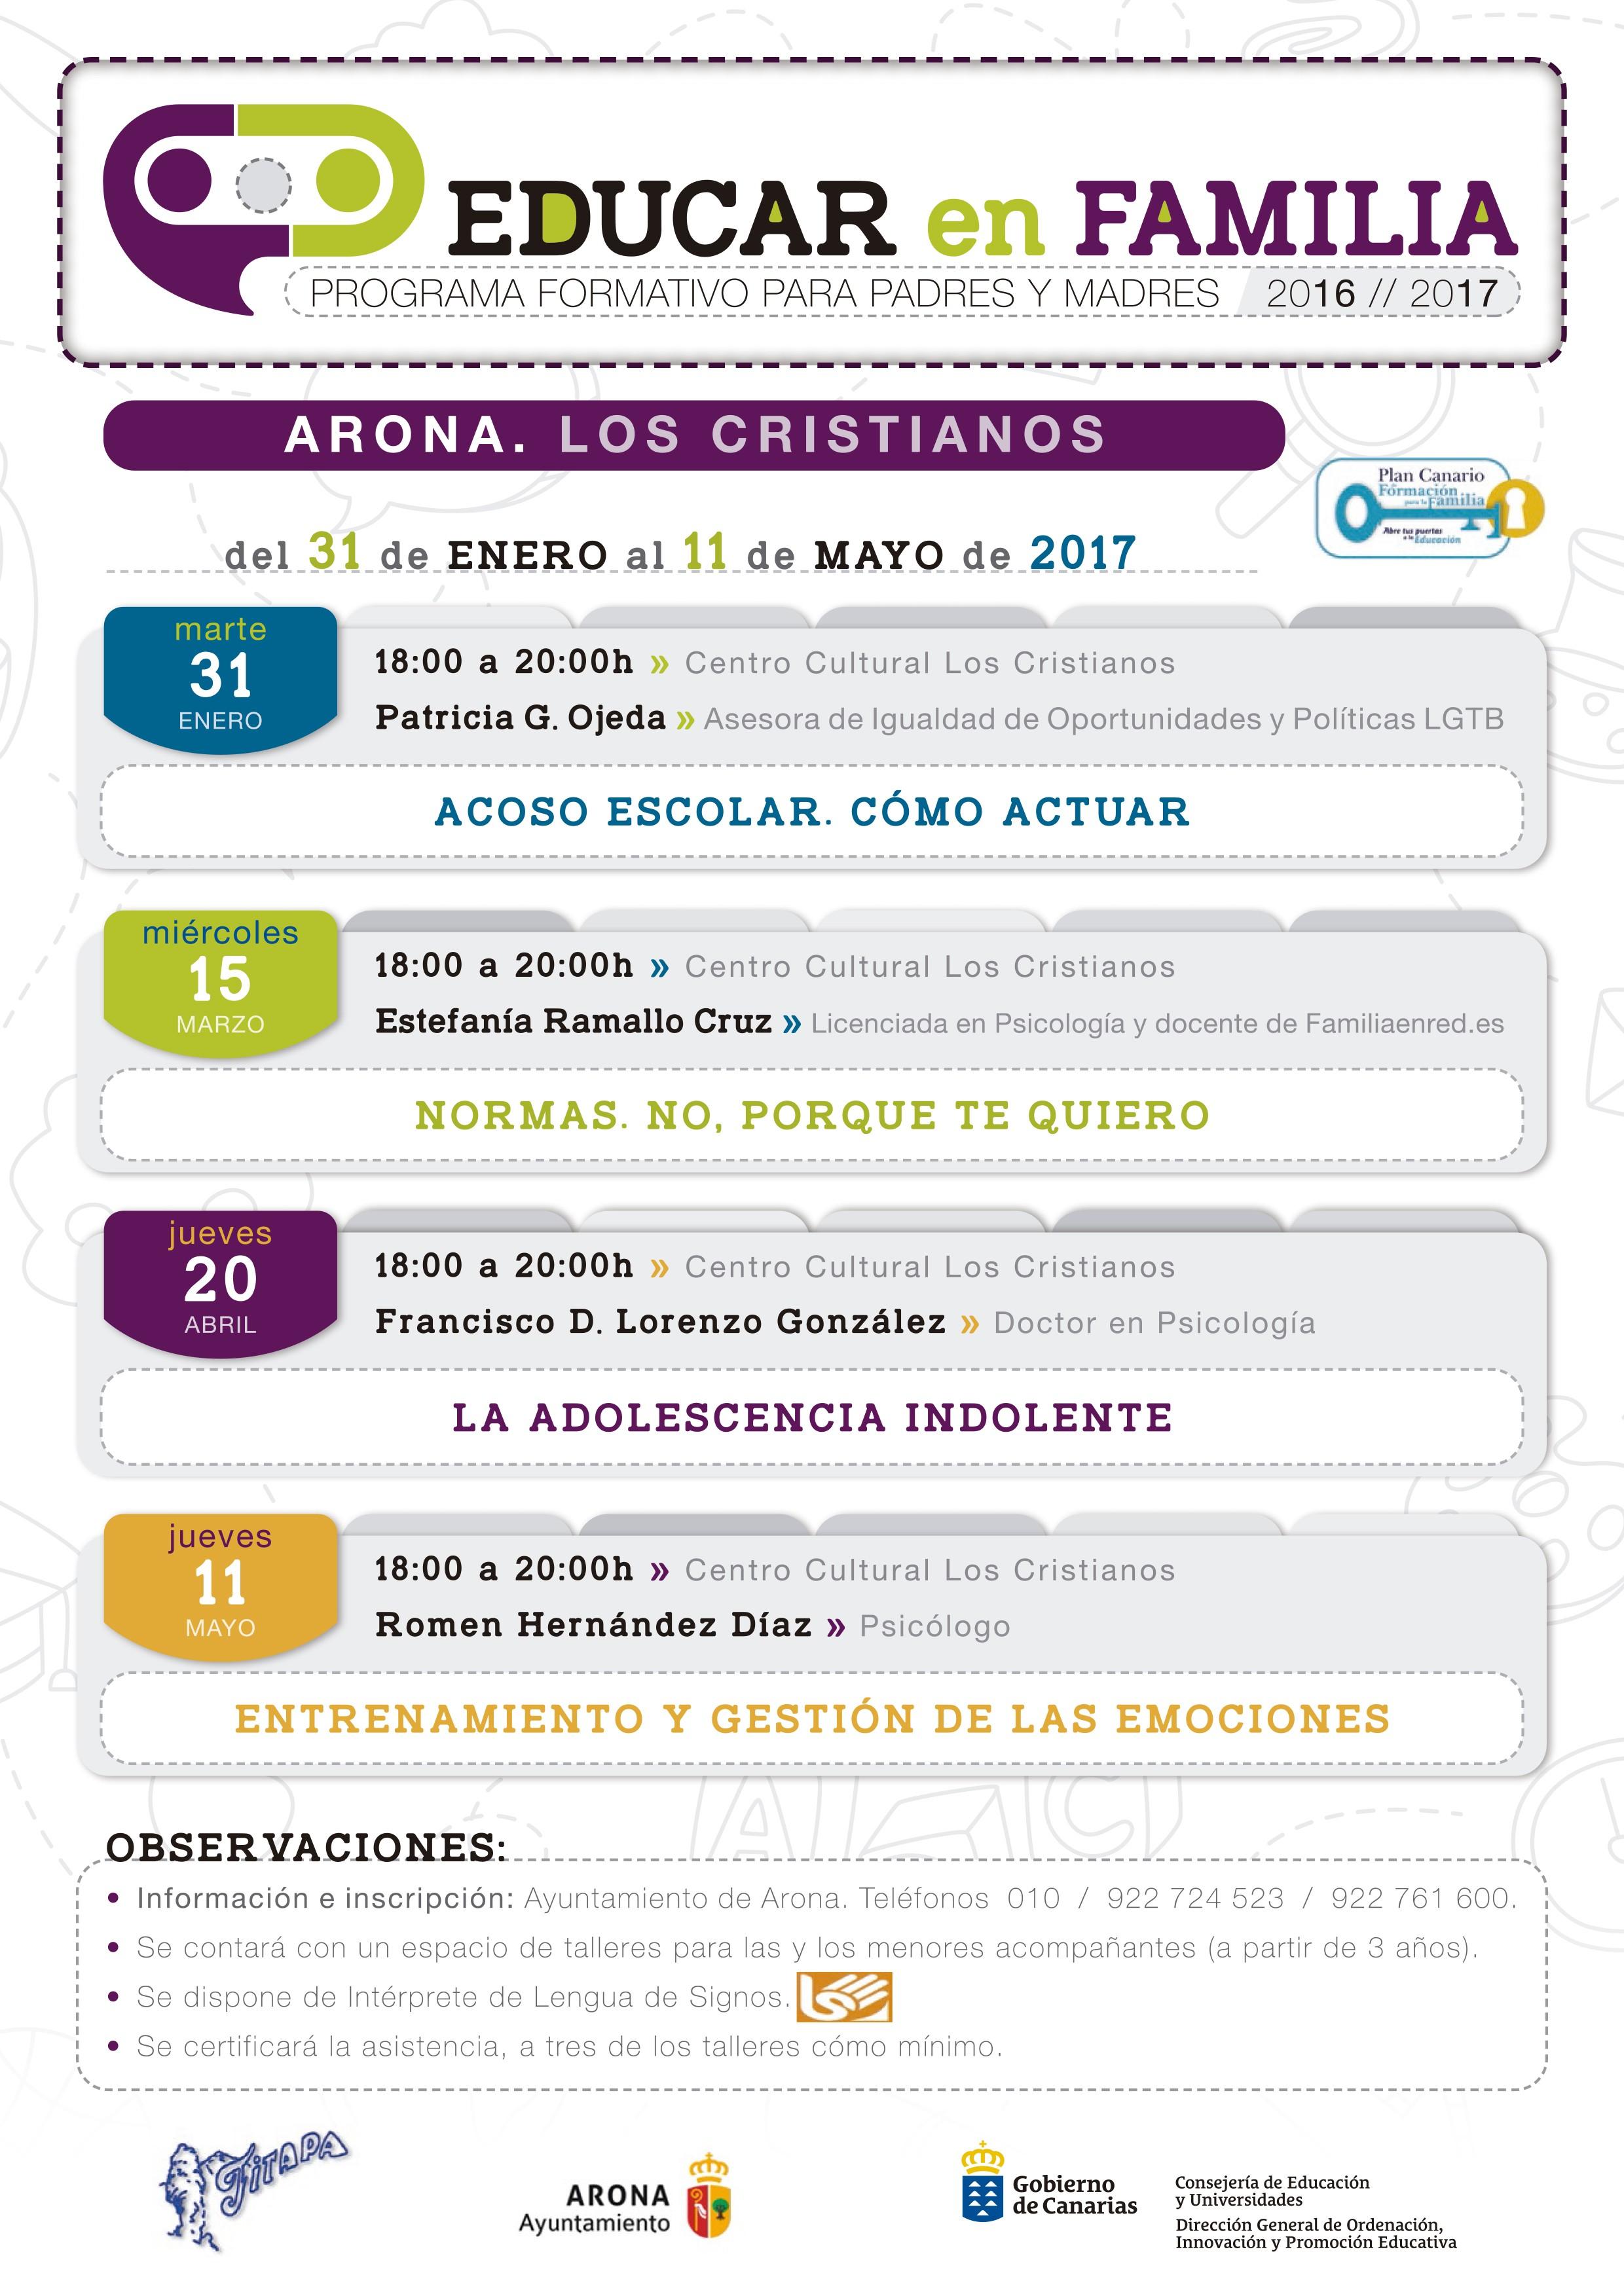 Calendario Escolar 2019 Tenerife Mejores Y Más Novedosos Arona Los Cristianos 2 – Ies Las Galletas Of Calendario Escolar 2019 Tenerife Más Caliente Calaméo Deia